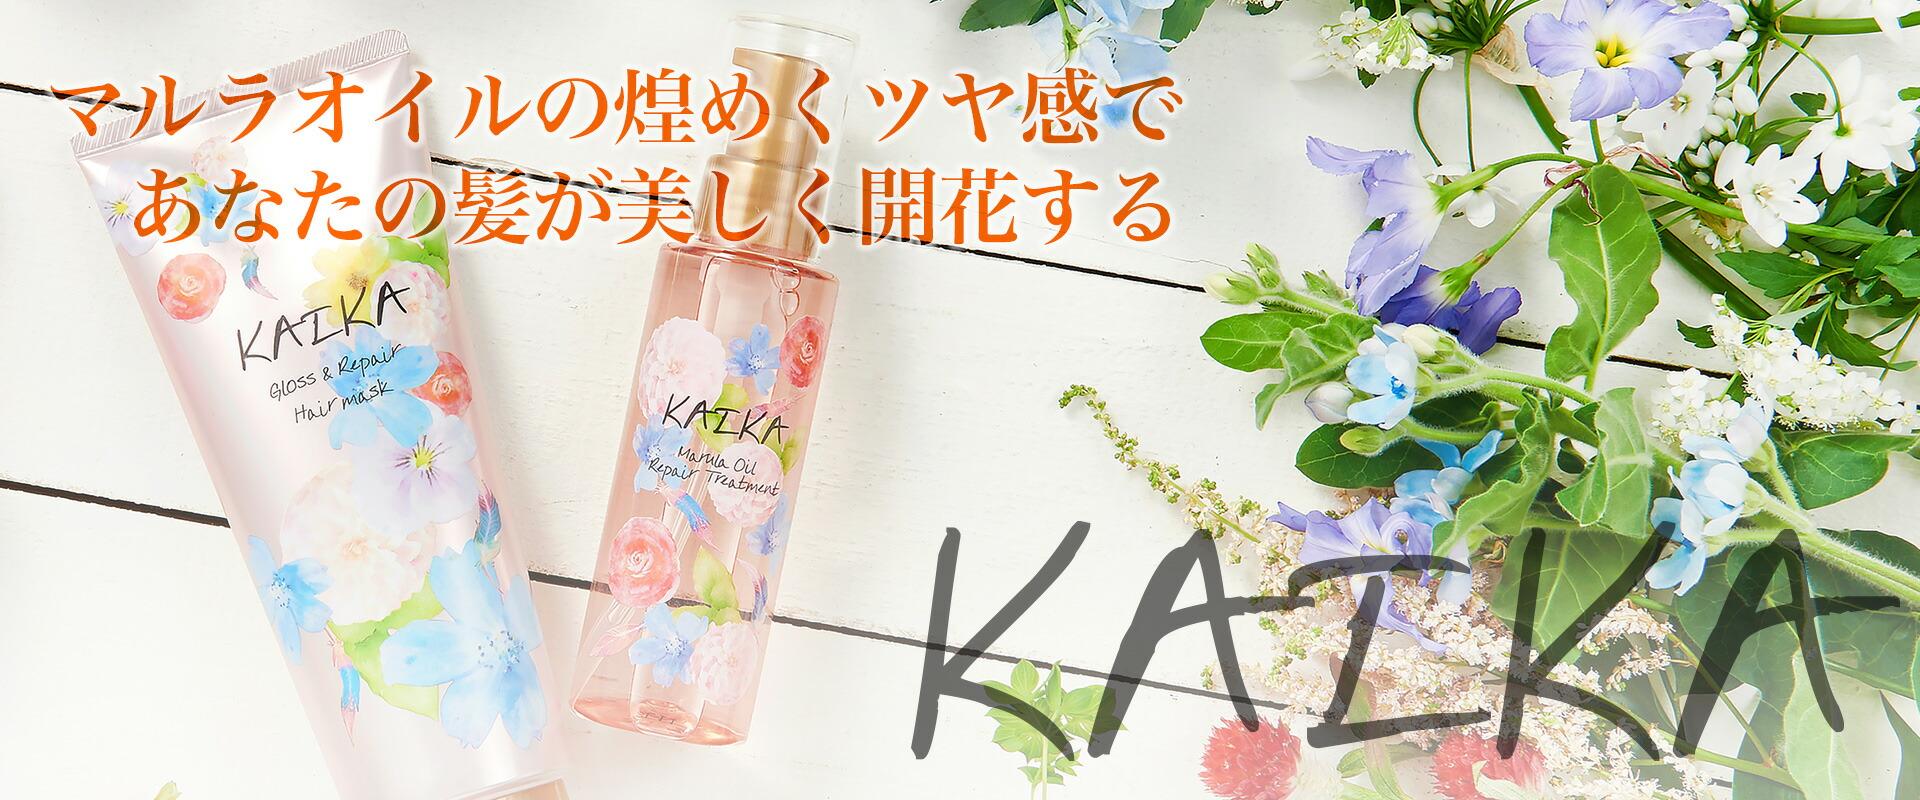 【KAIKA(カイカ)】マルラオイルの煌めくツヤ感で、あなたの髪が美しく開花する